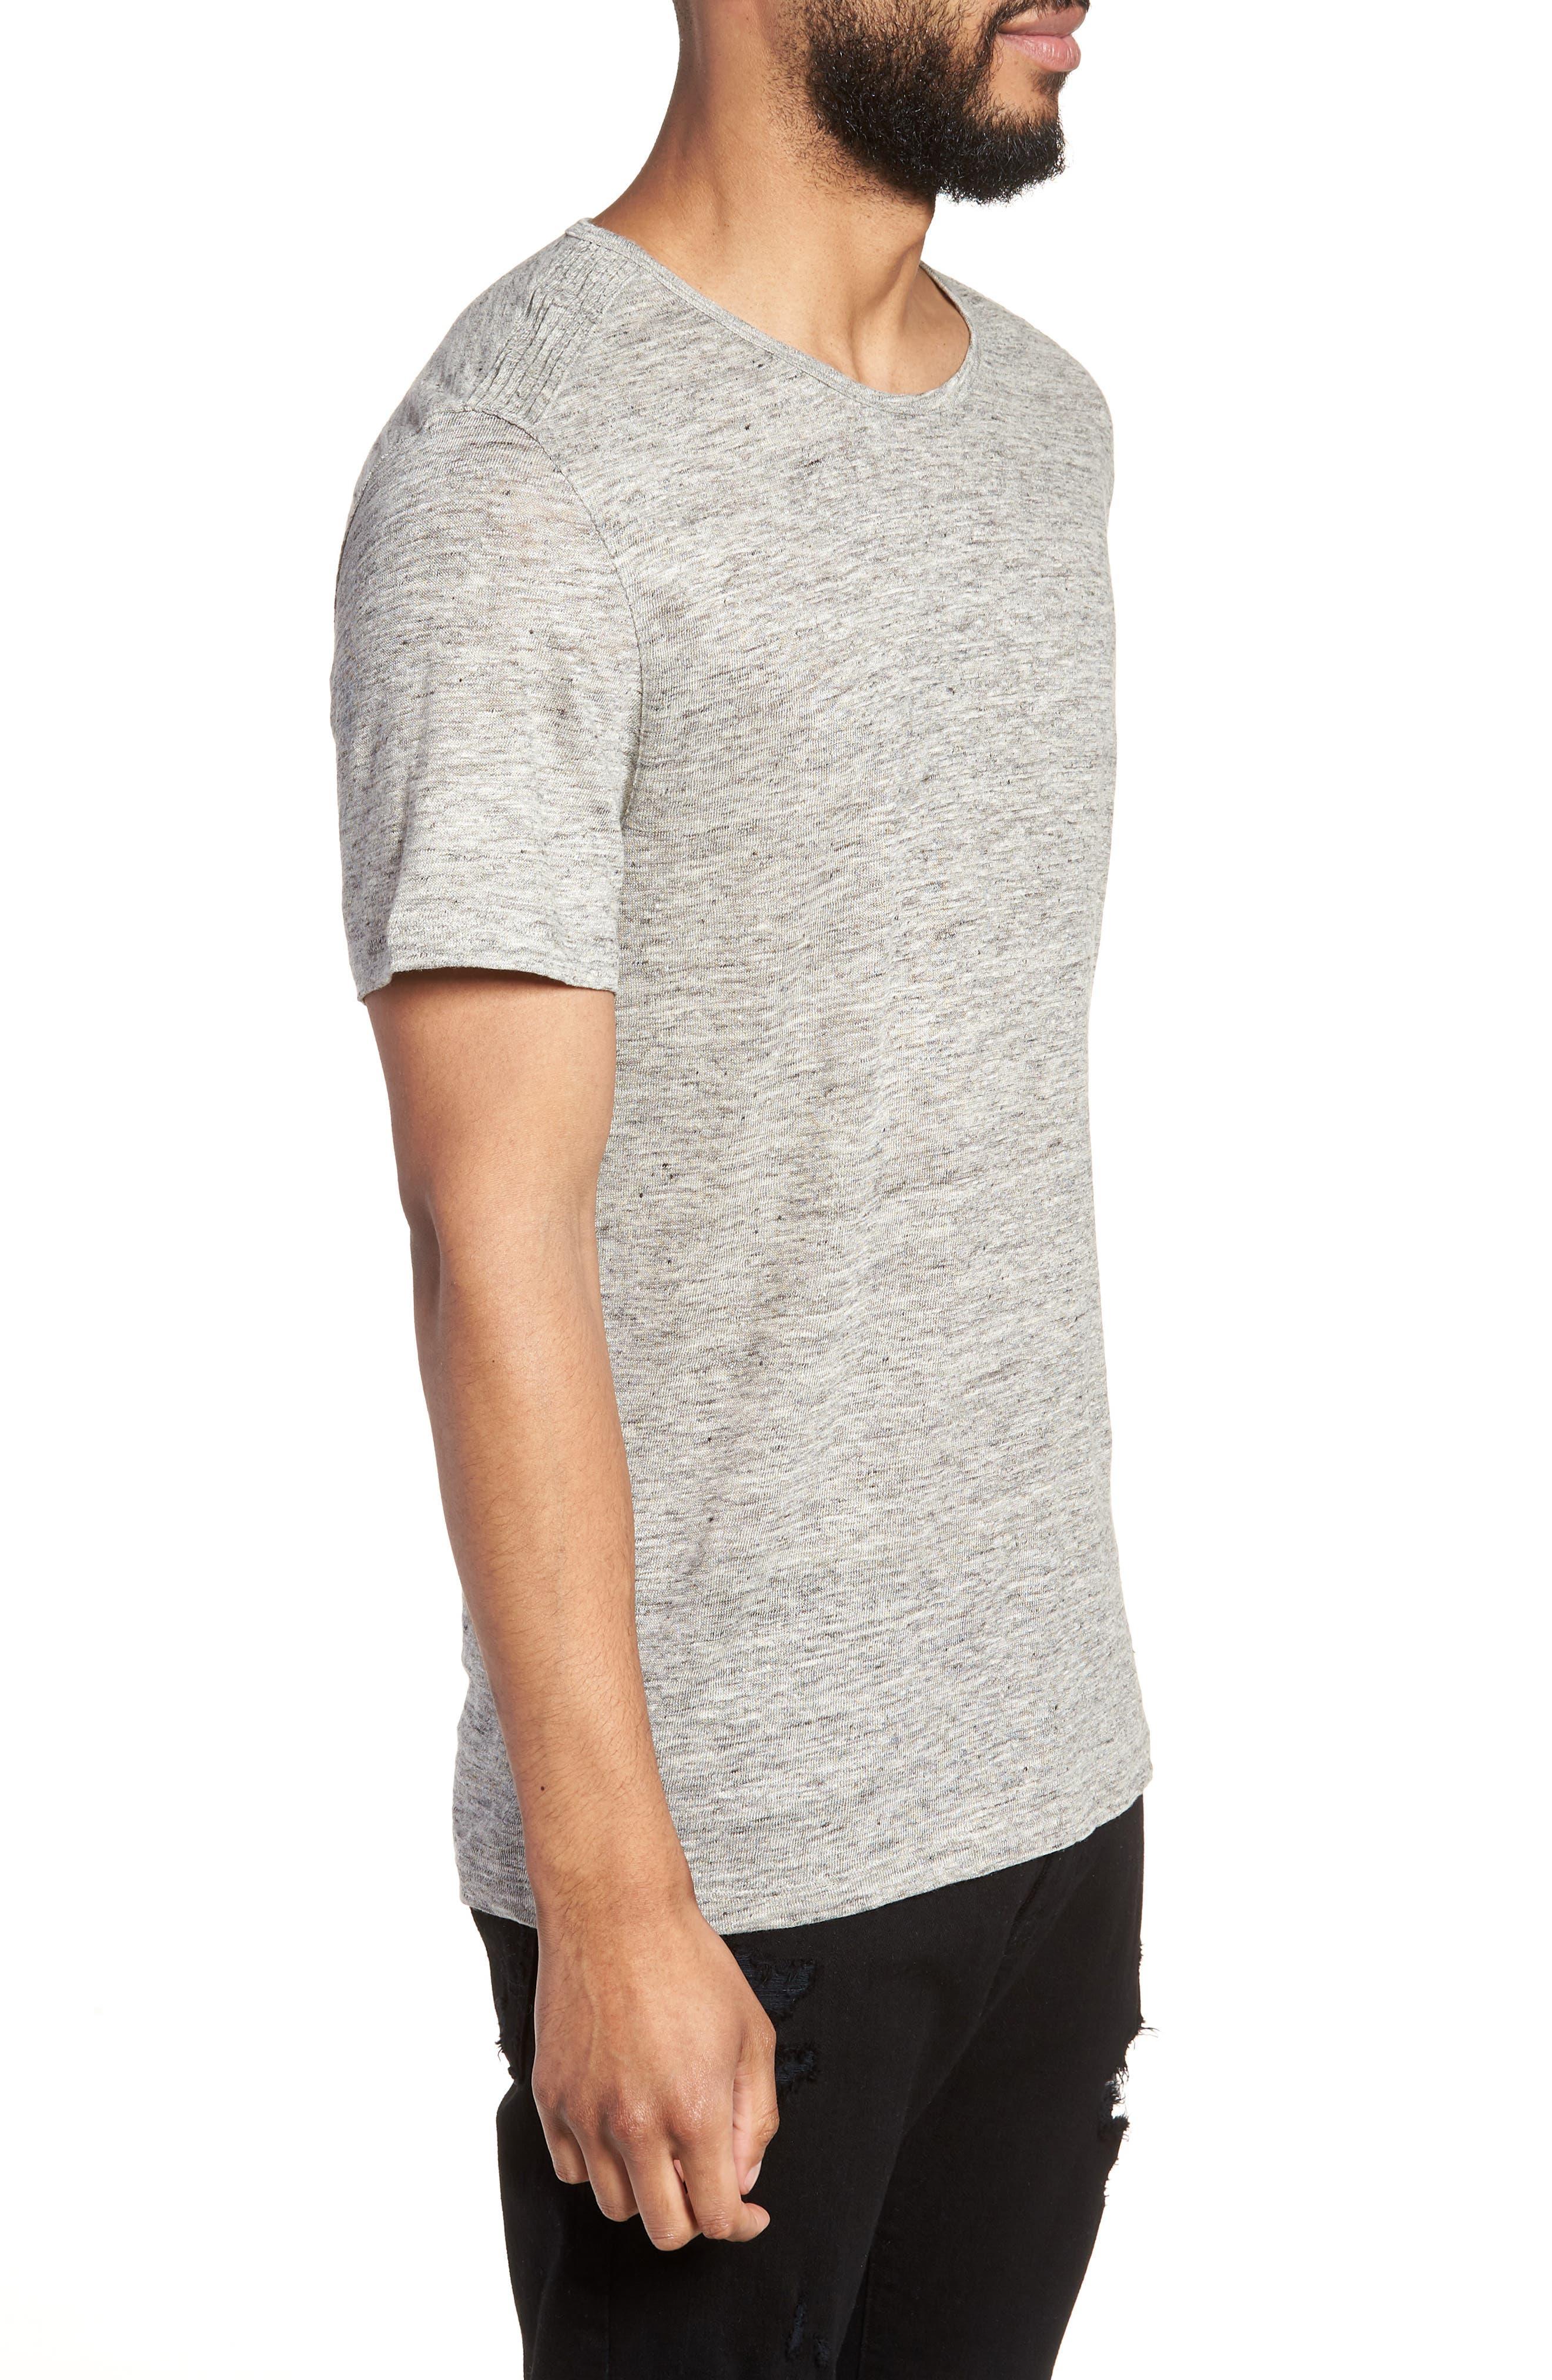 John Varvatos x Nick Jonas Linen T-Shirt,                             Alternate thumbnail 3, color,                             LIGHT GREY HEATHER